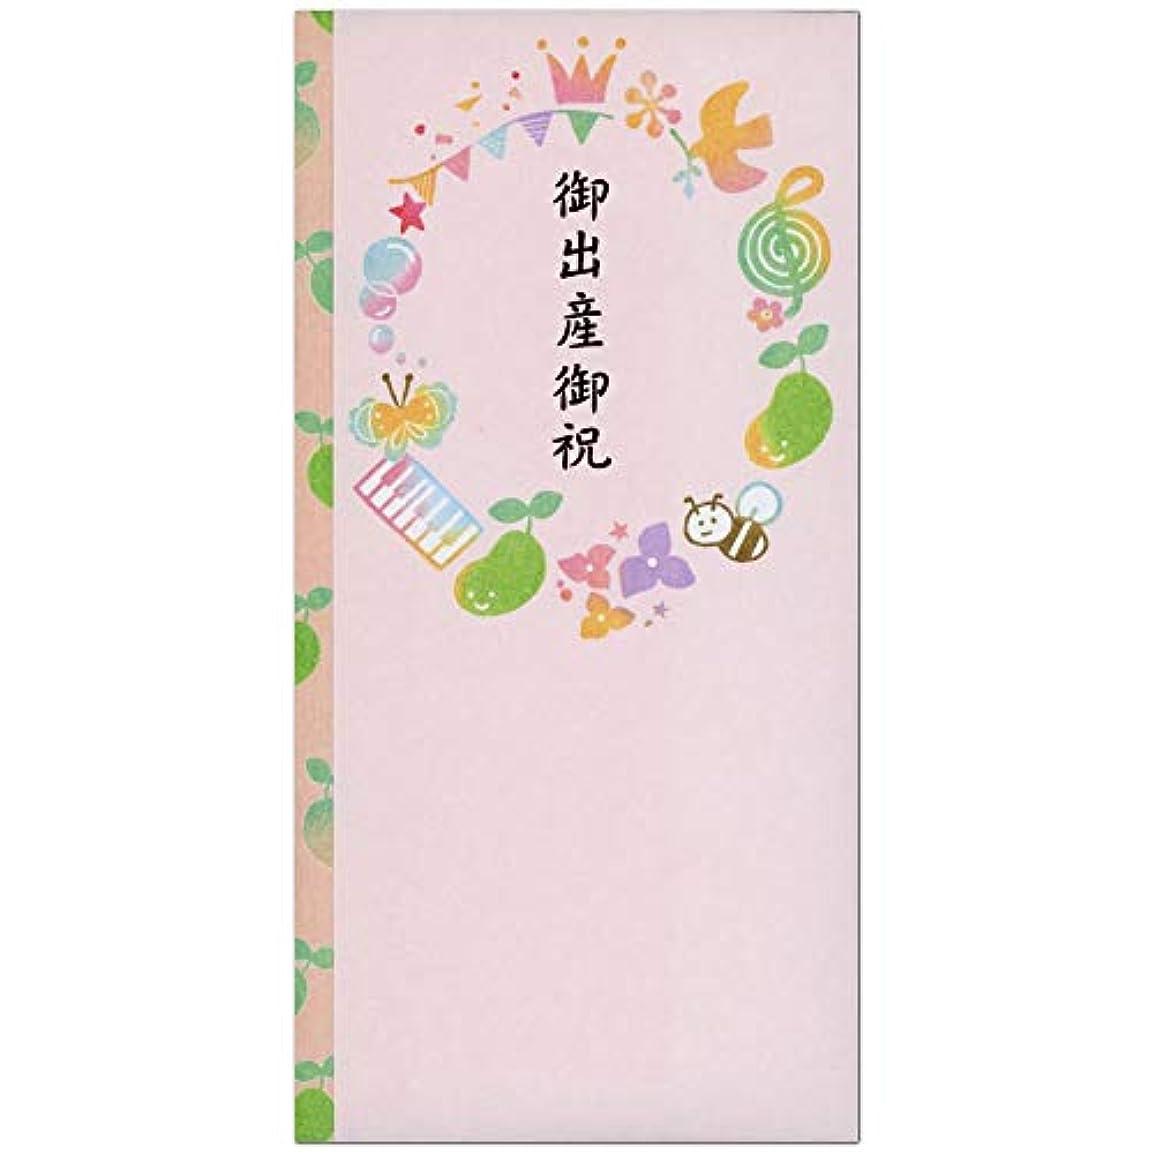 煙したい犯人フロンティア 祝儀袋 出産祝 はんこ新芽 SG−183 ピンク